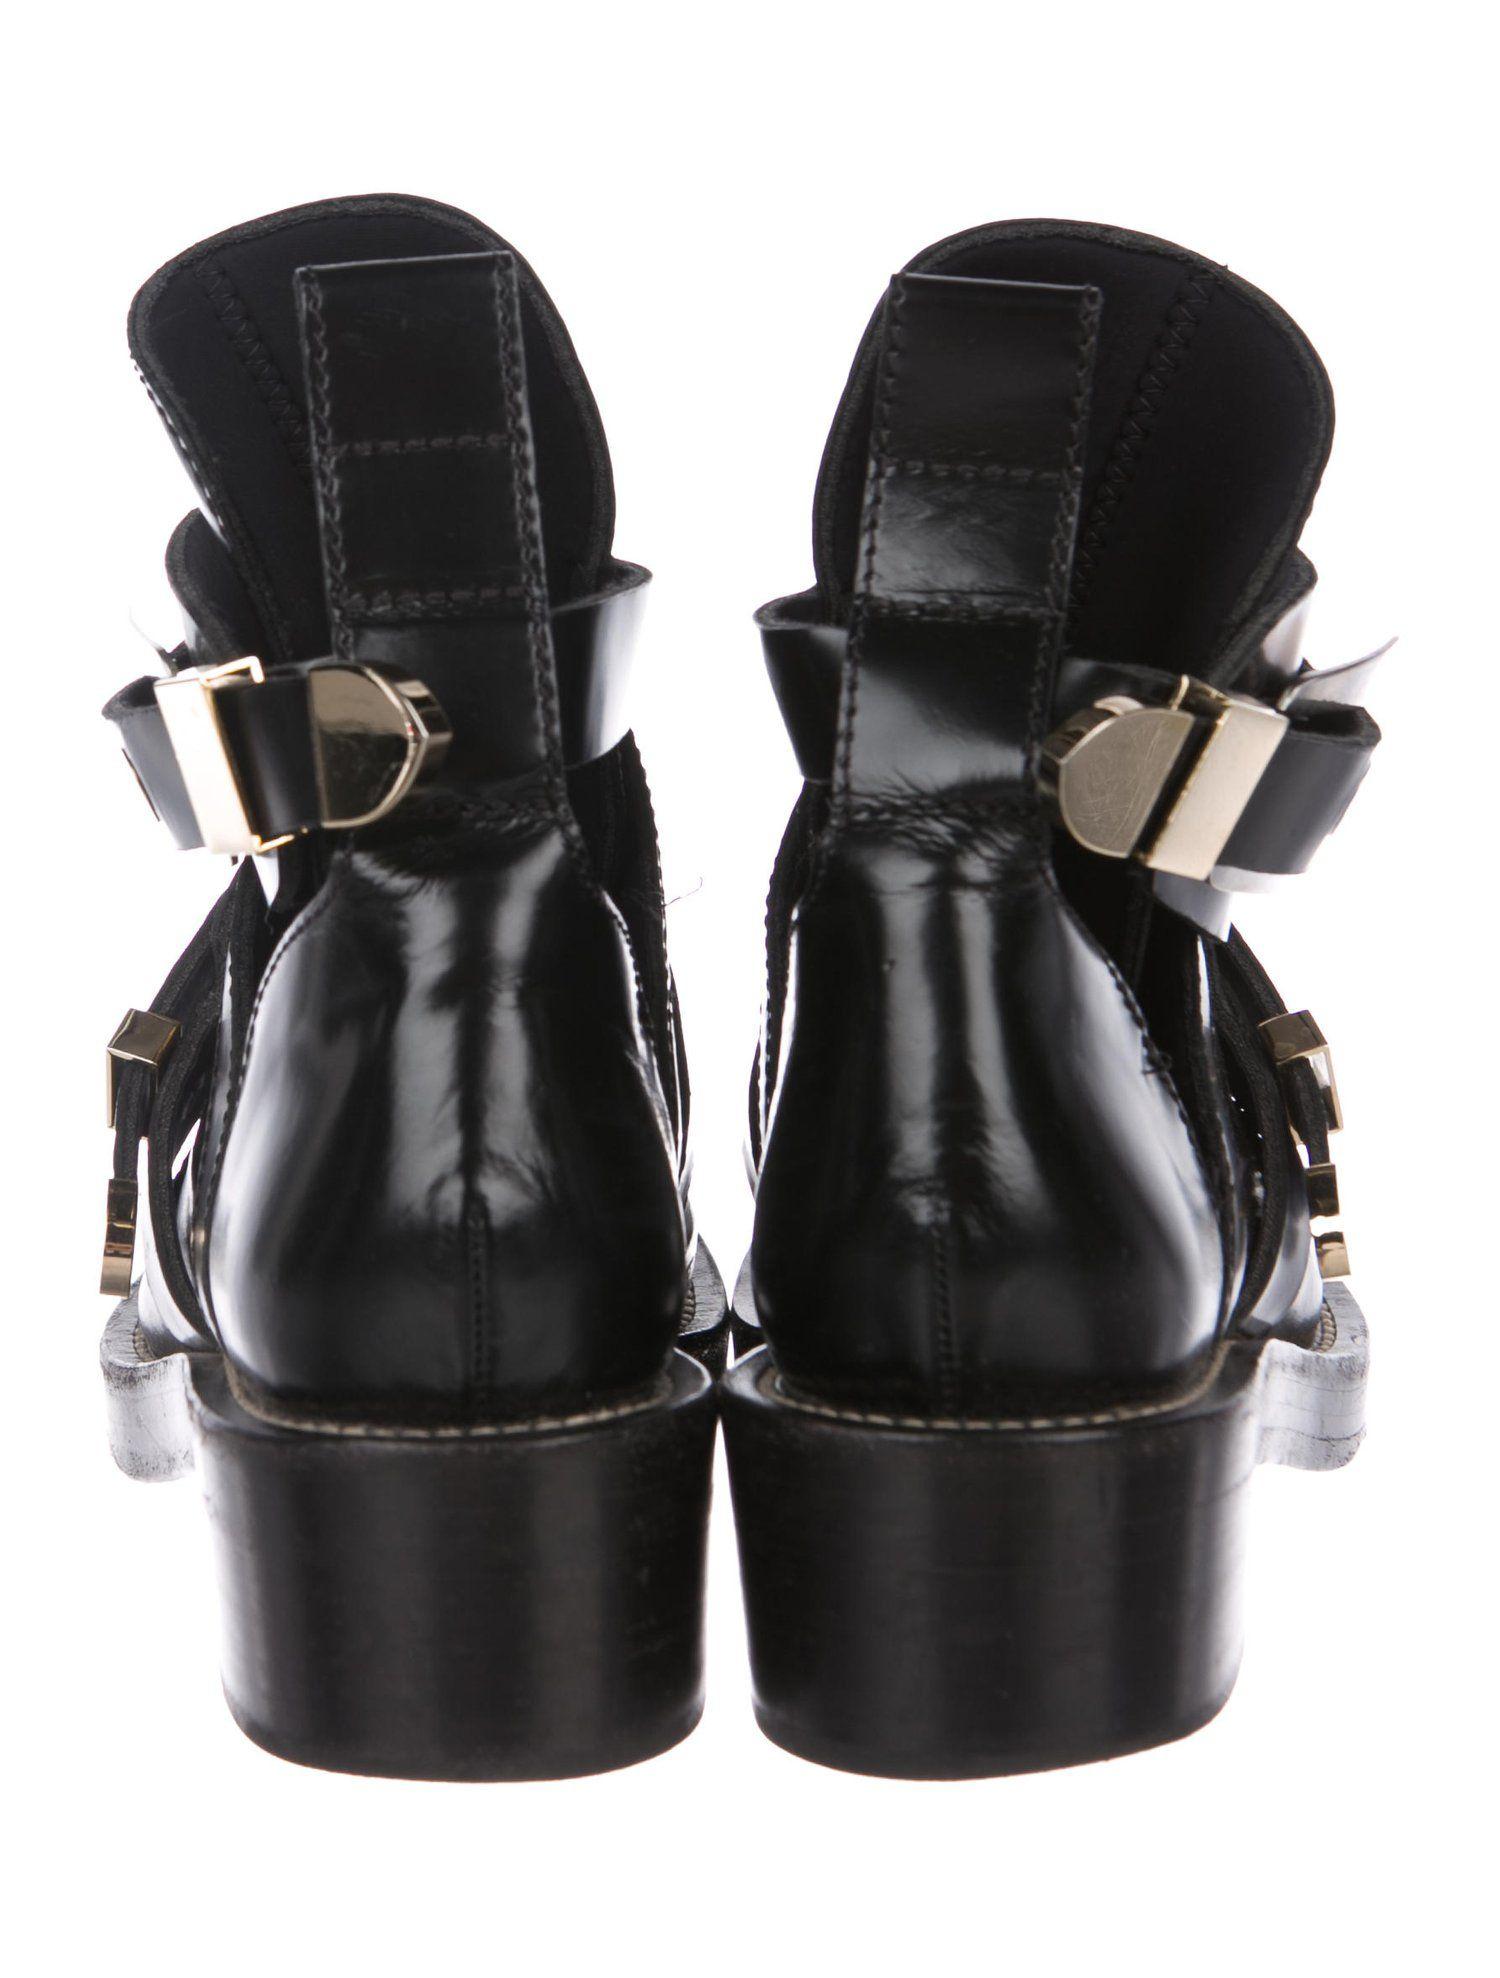 325e42f81130 Balenciaga Ceinture Leather Boots  Ceinture  Balenciaga  Boots ...